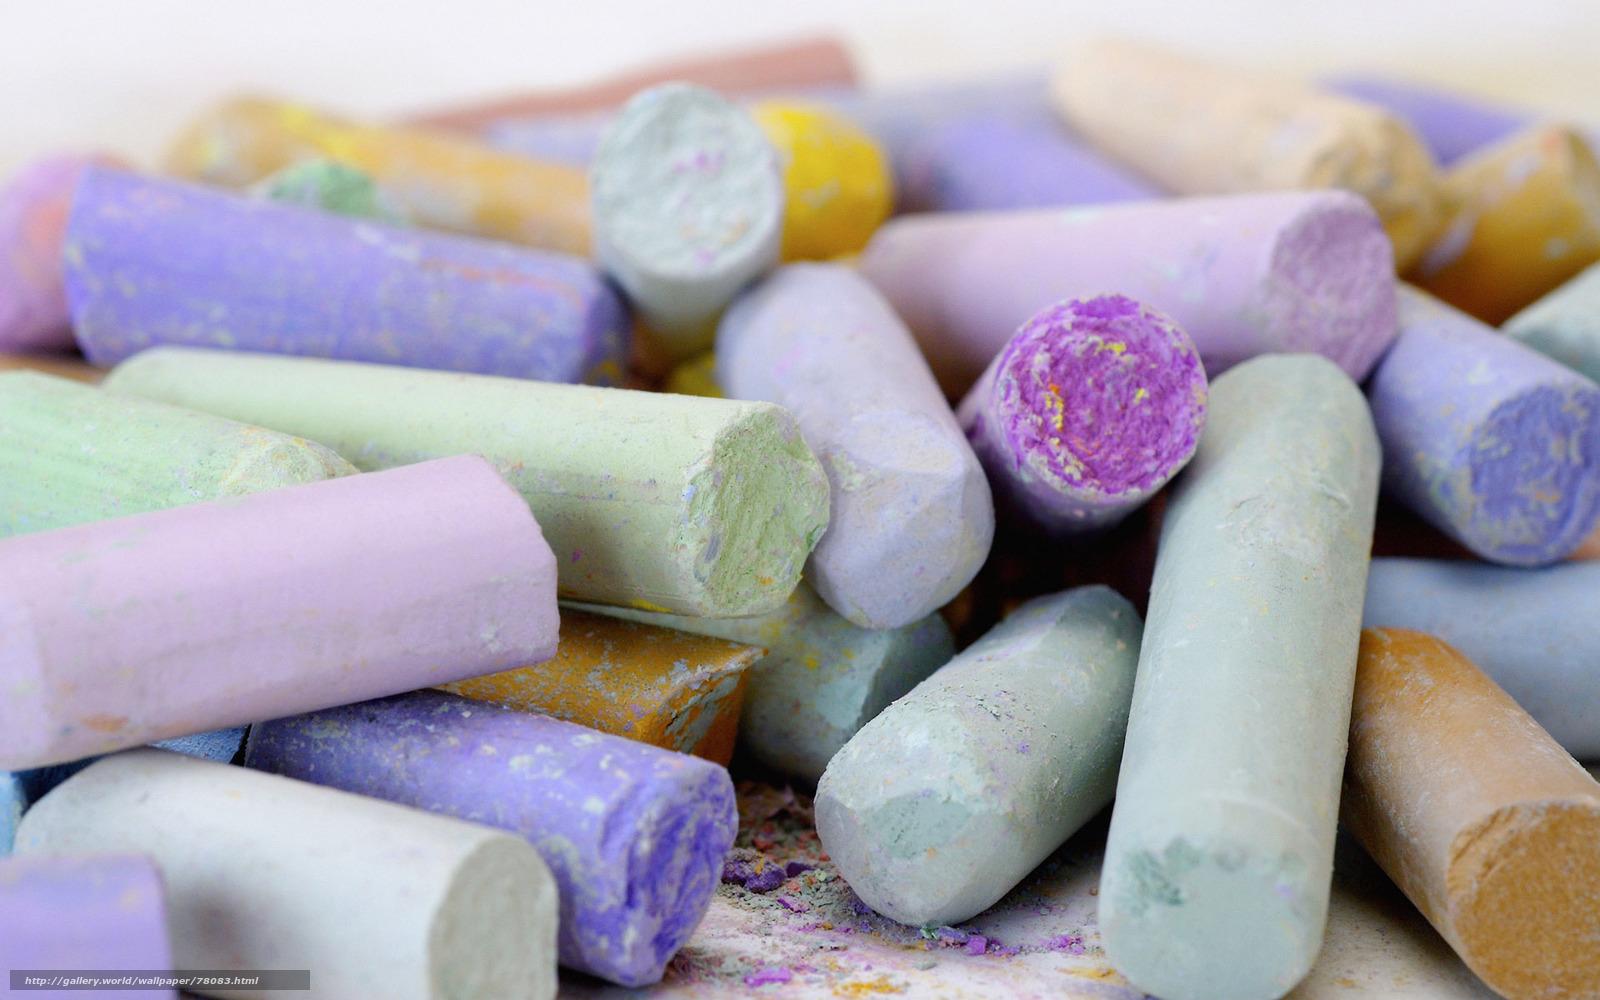 tlcharger fond d 39 ecran crayons couleur dessin pastel fonds d 39 ecran gratuits pour votre. Black Bedroom Furniture Sets. Home Design Ideas